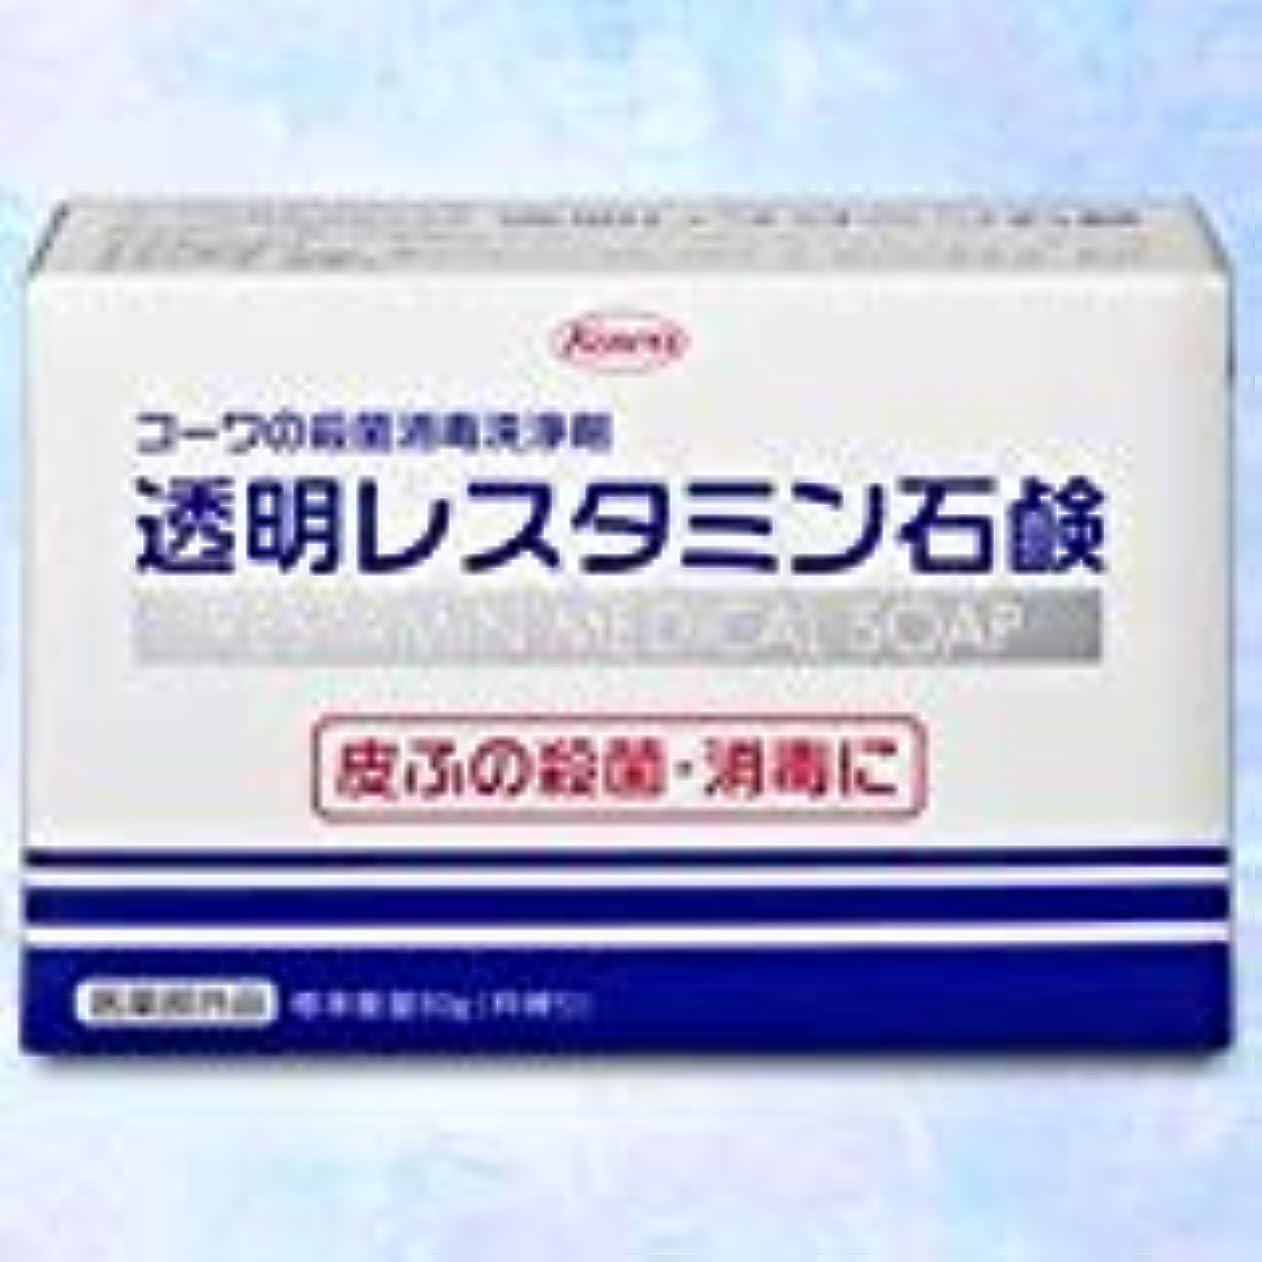 うなるユニークな結婚する【興和】コーワの殺菌消毒洗浄剤「透明レスタミン石鹸」80g(医薬部外品) ×5個セット